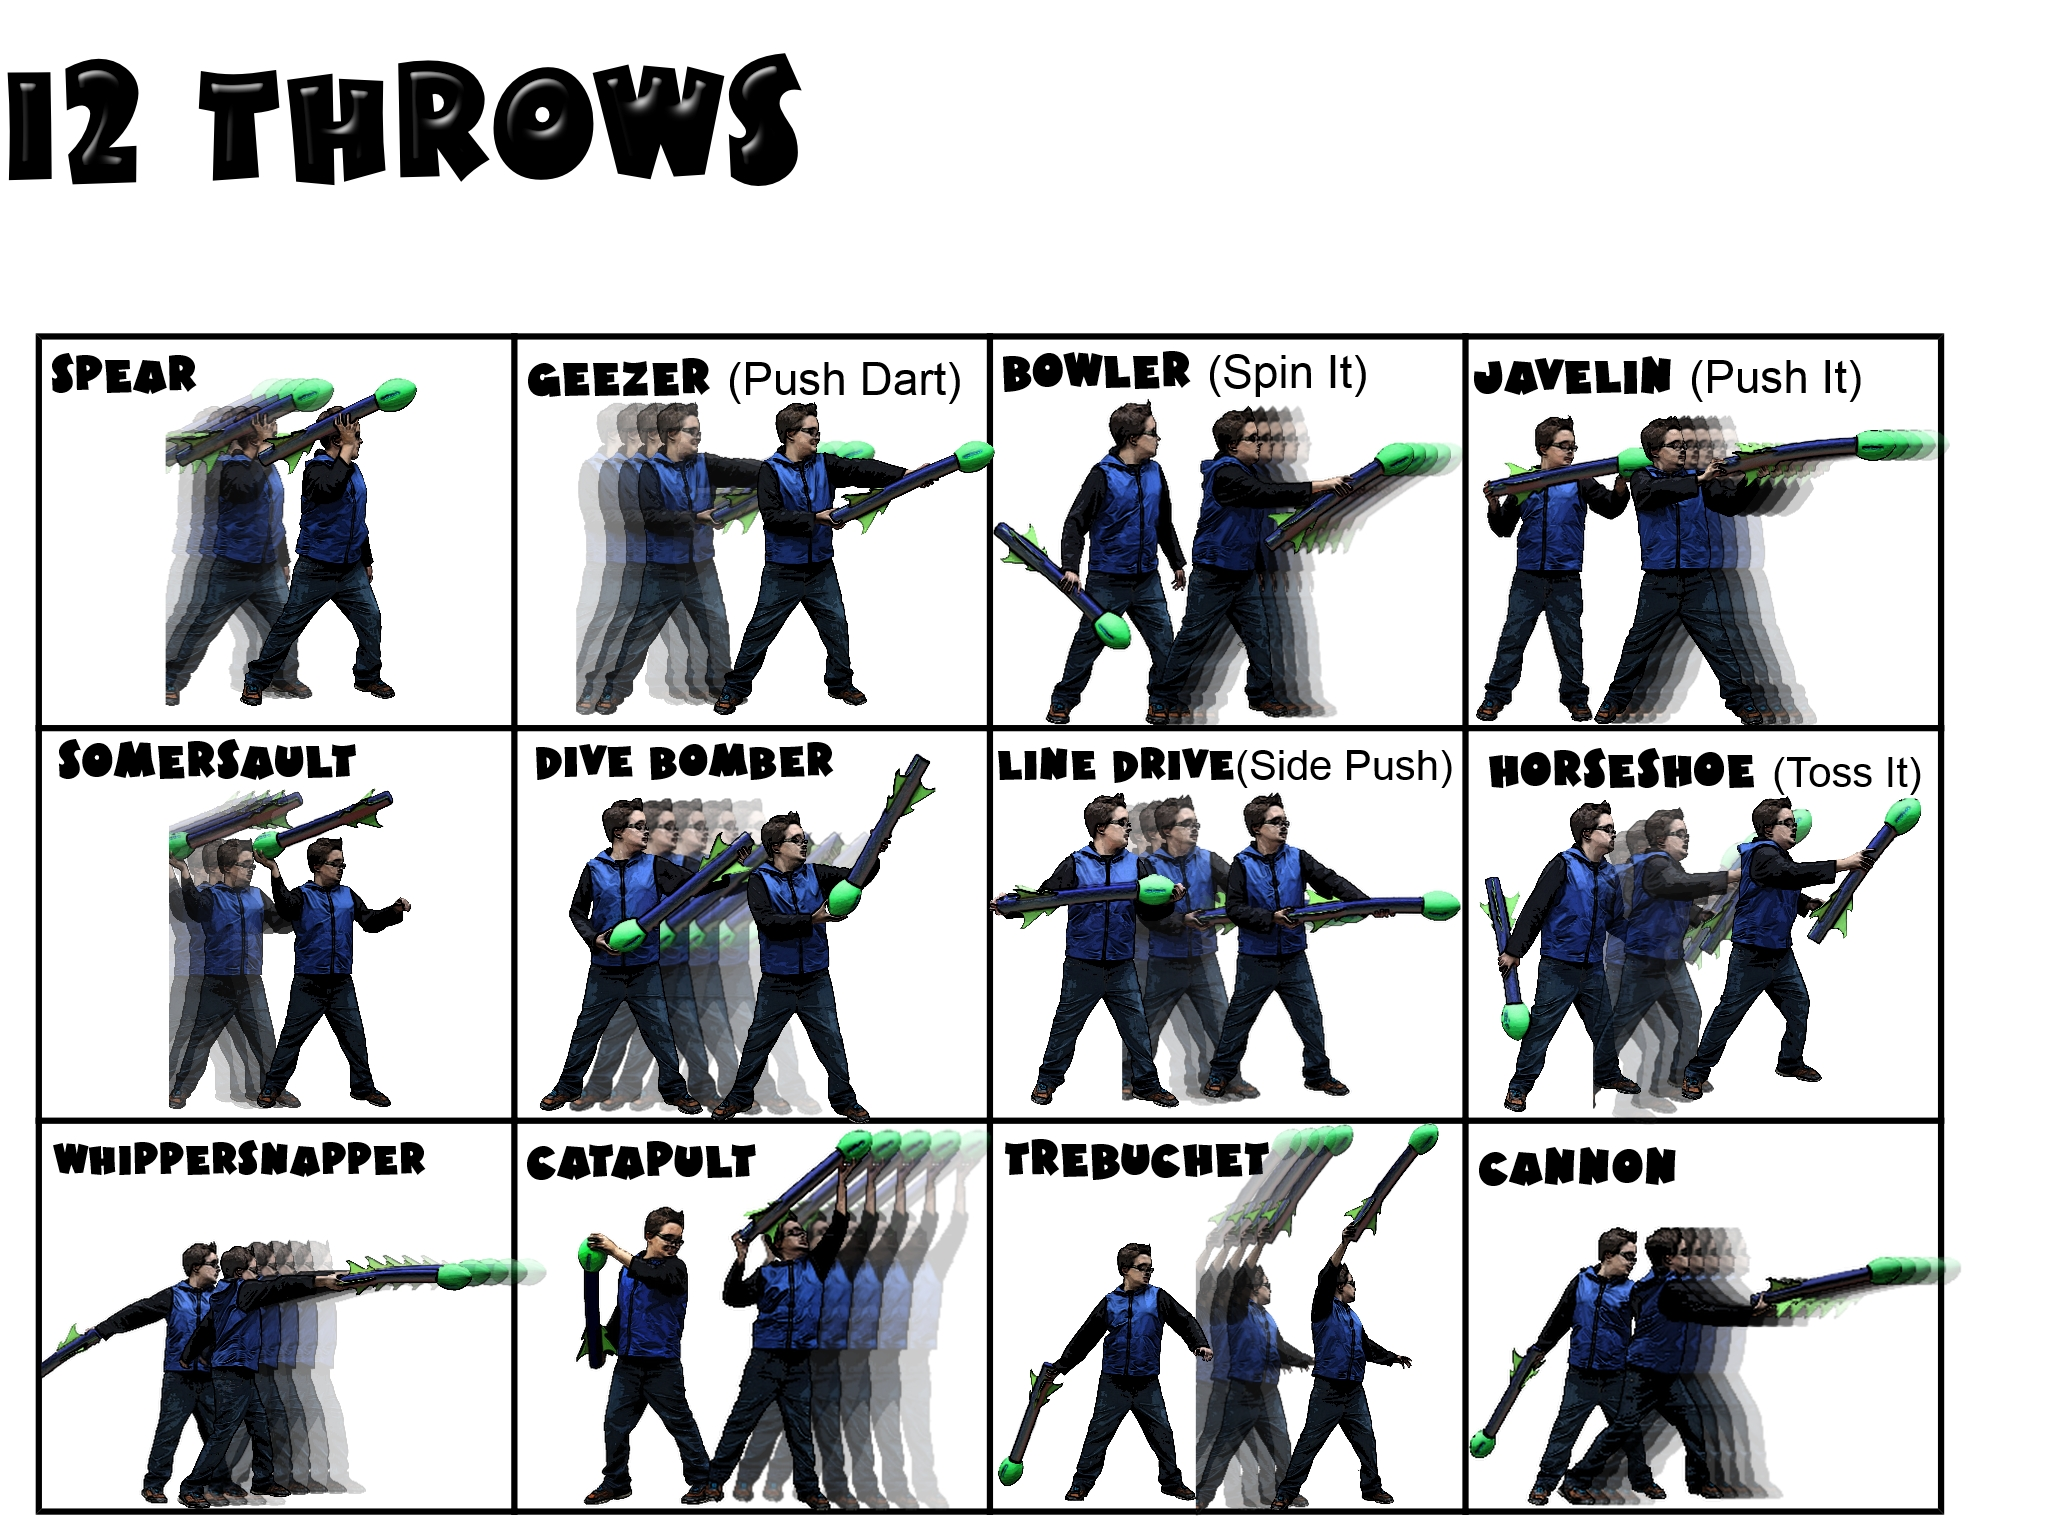 12 throws.jpg